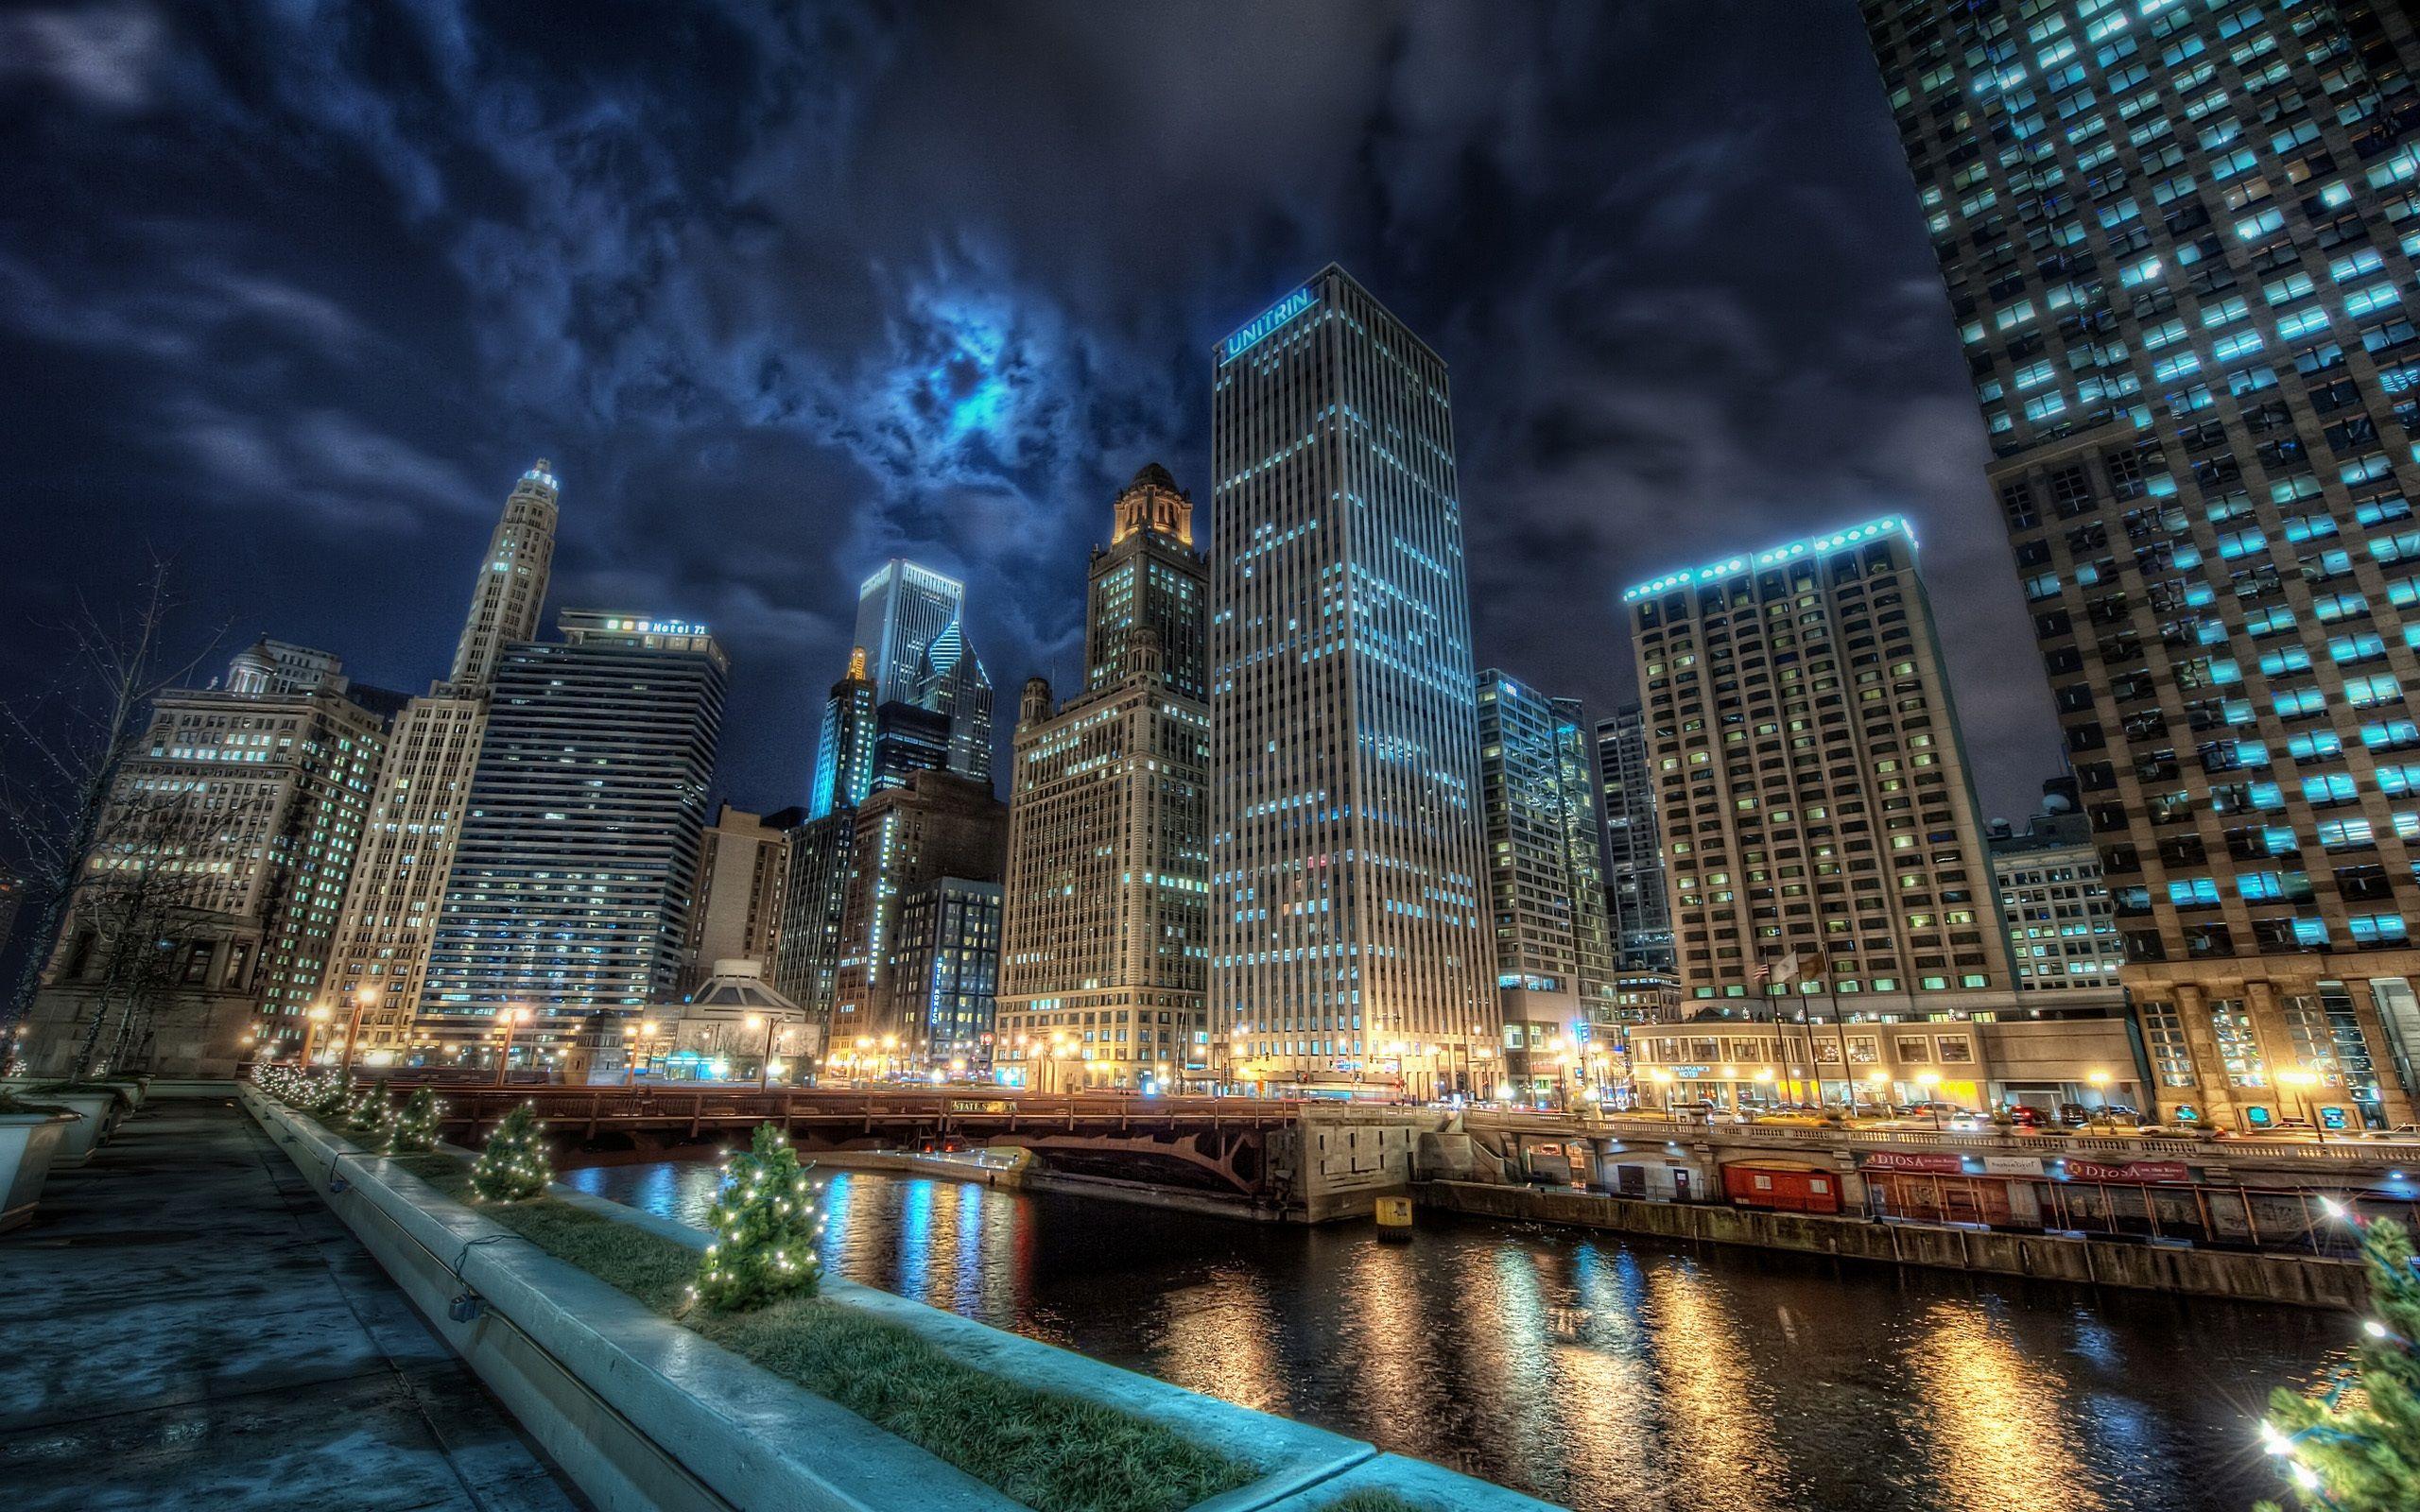 awesome Chicago Night Lights Background Image AmazingPictcom 2560x1600